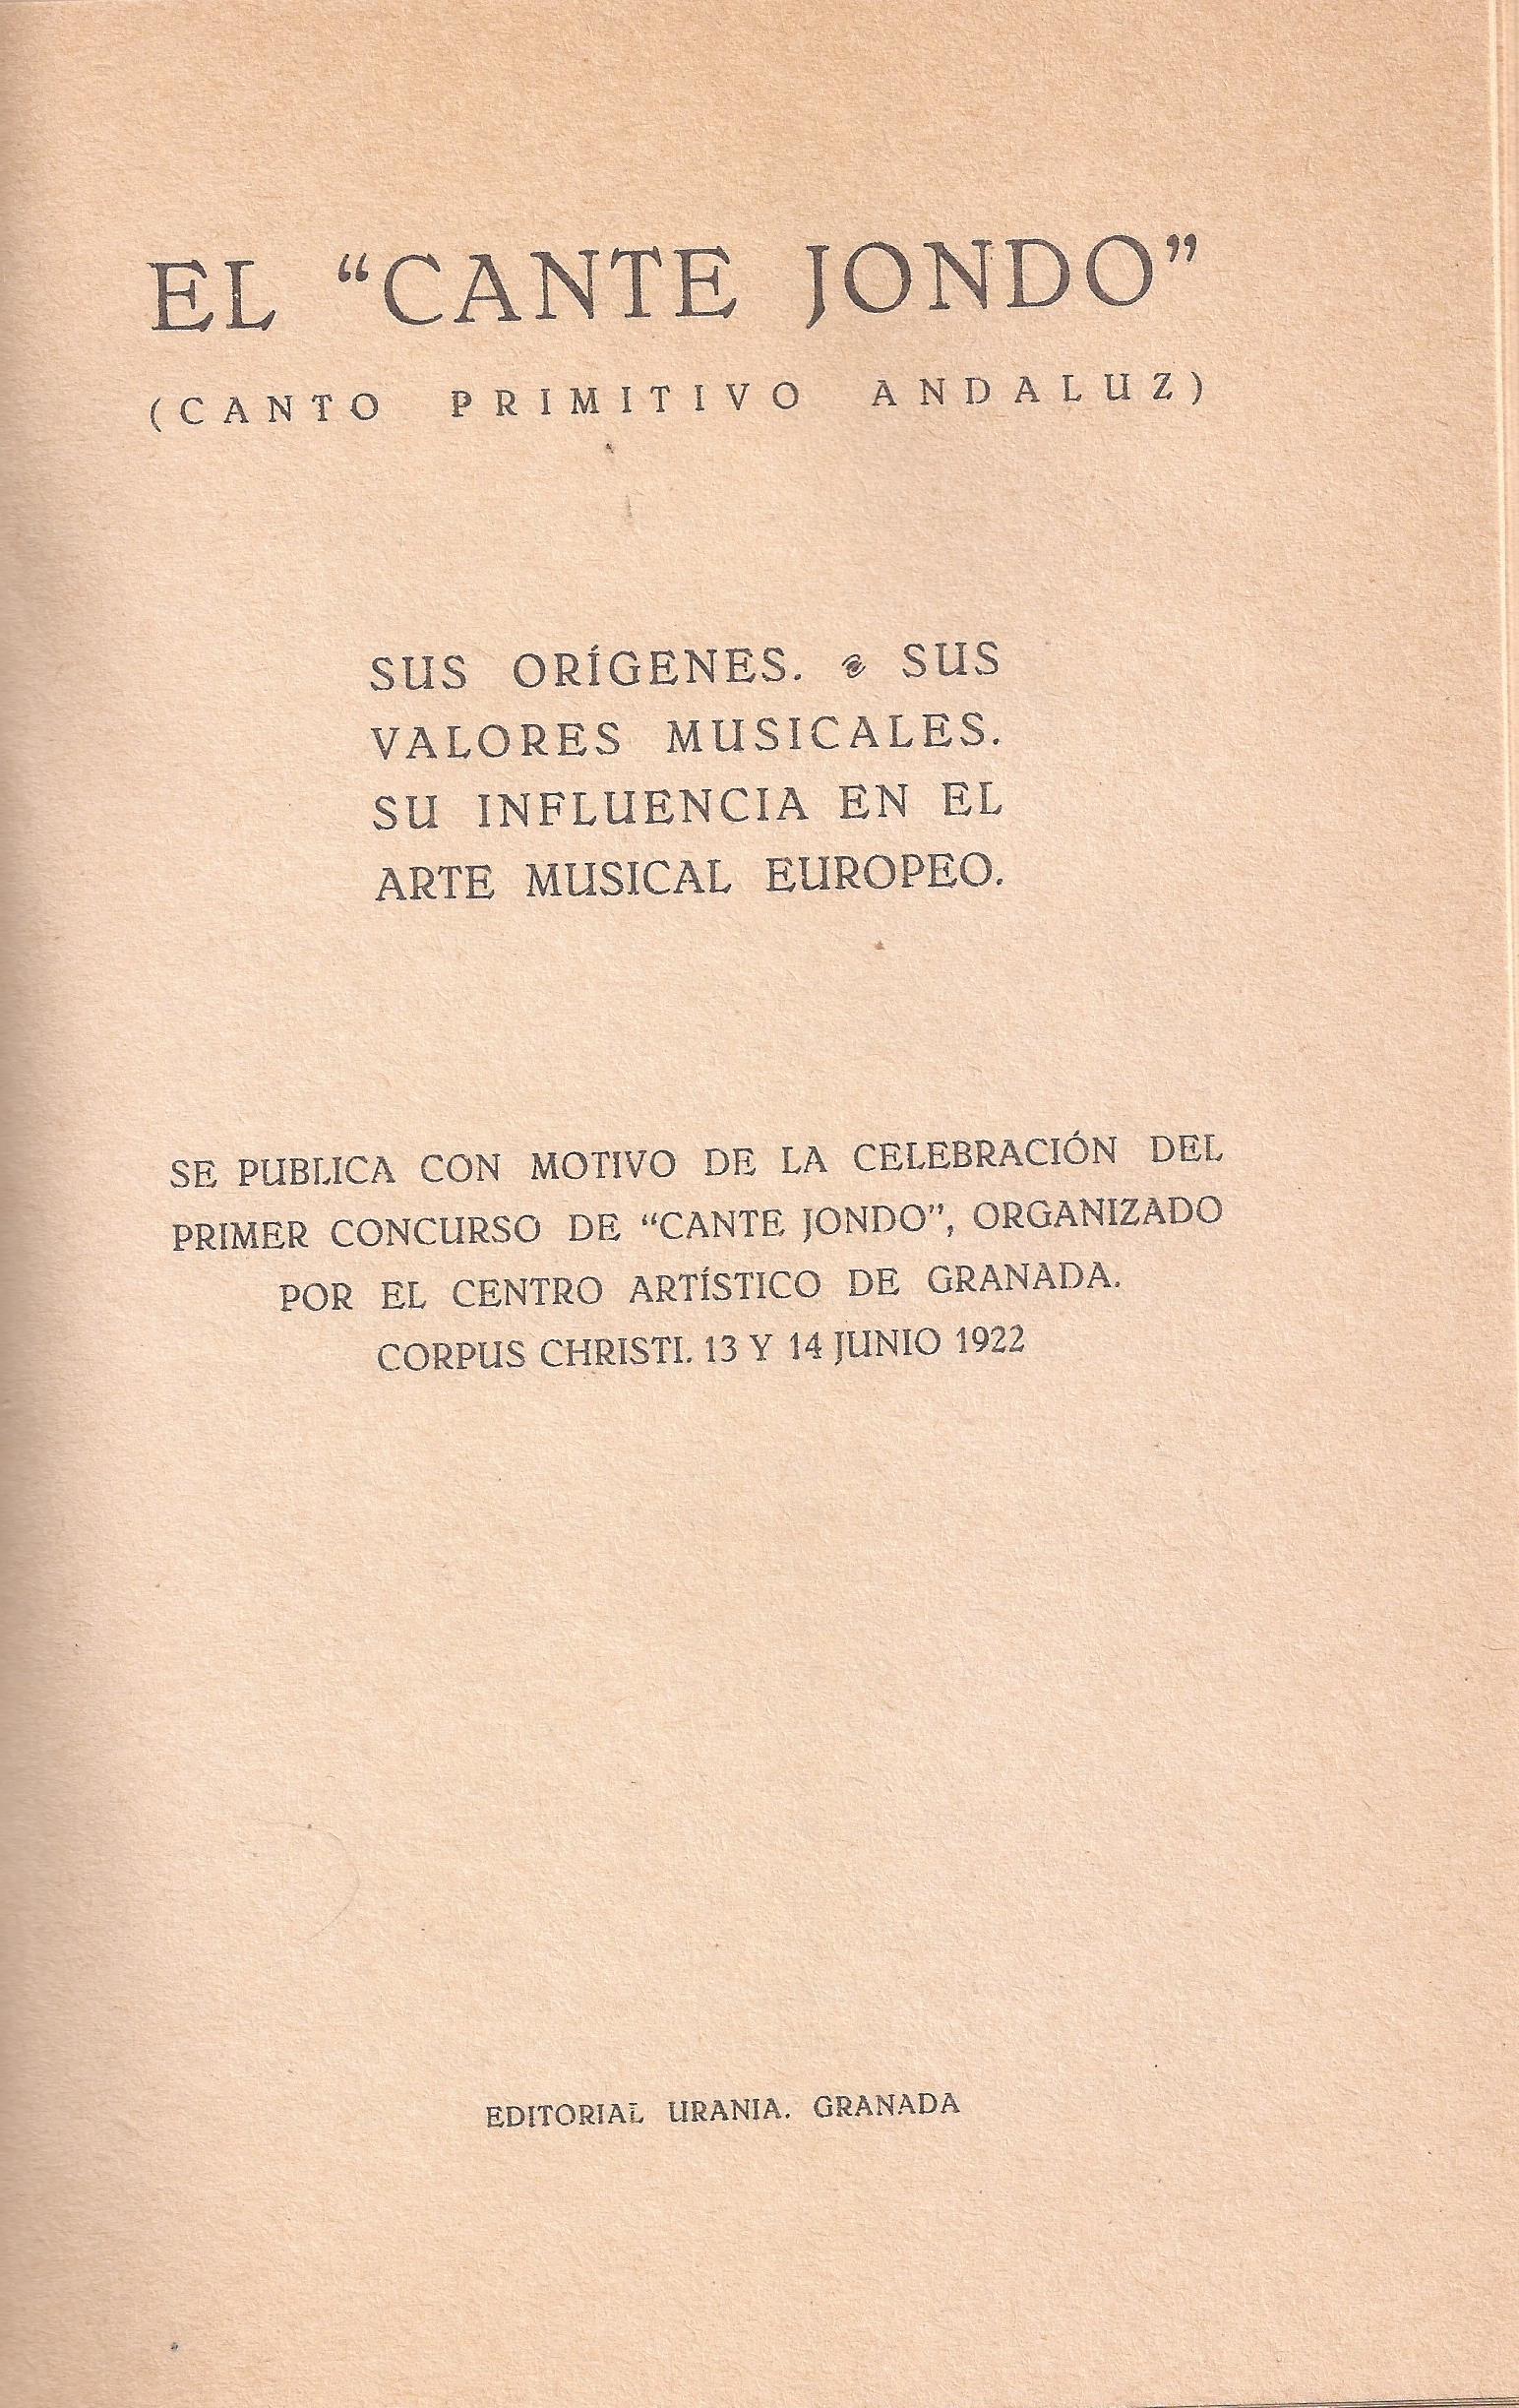 Portadilla interior de la conferencia de Manuel de Falla sobre el Concurso de Cante Jondo.